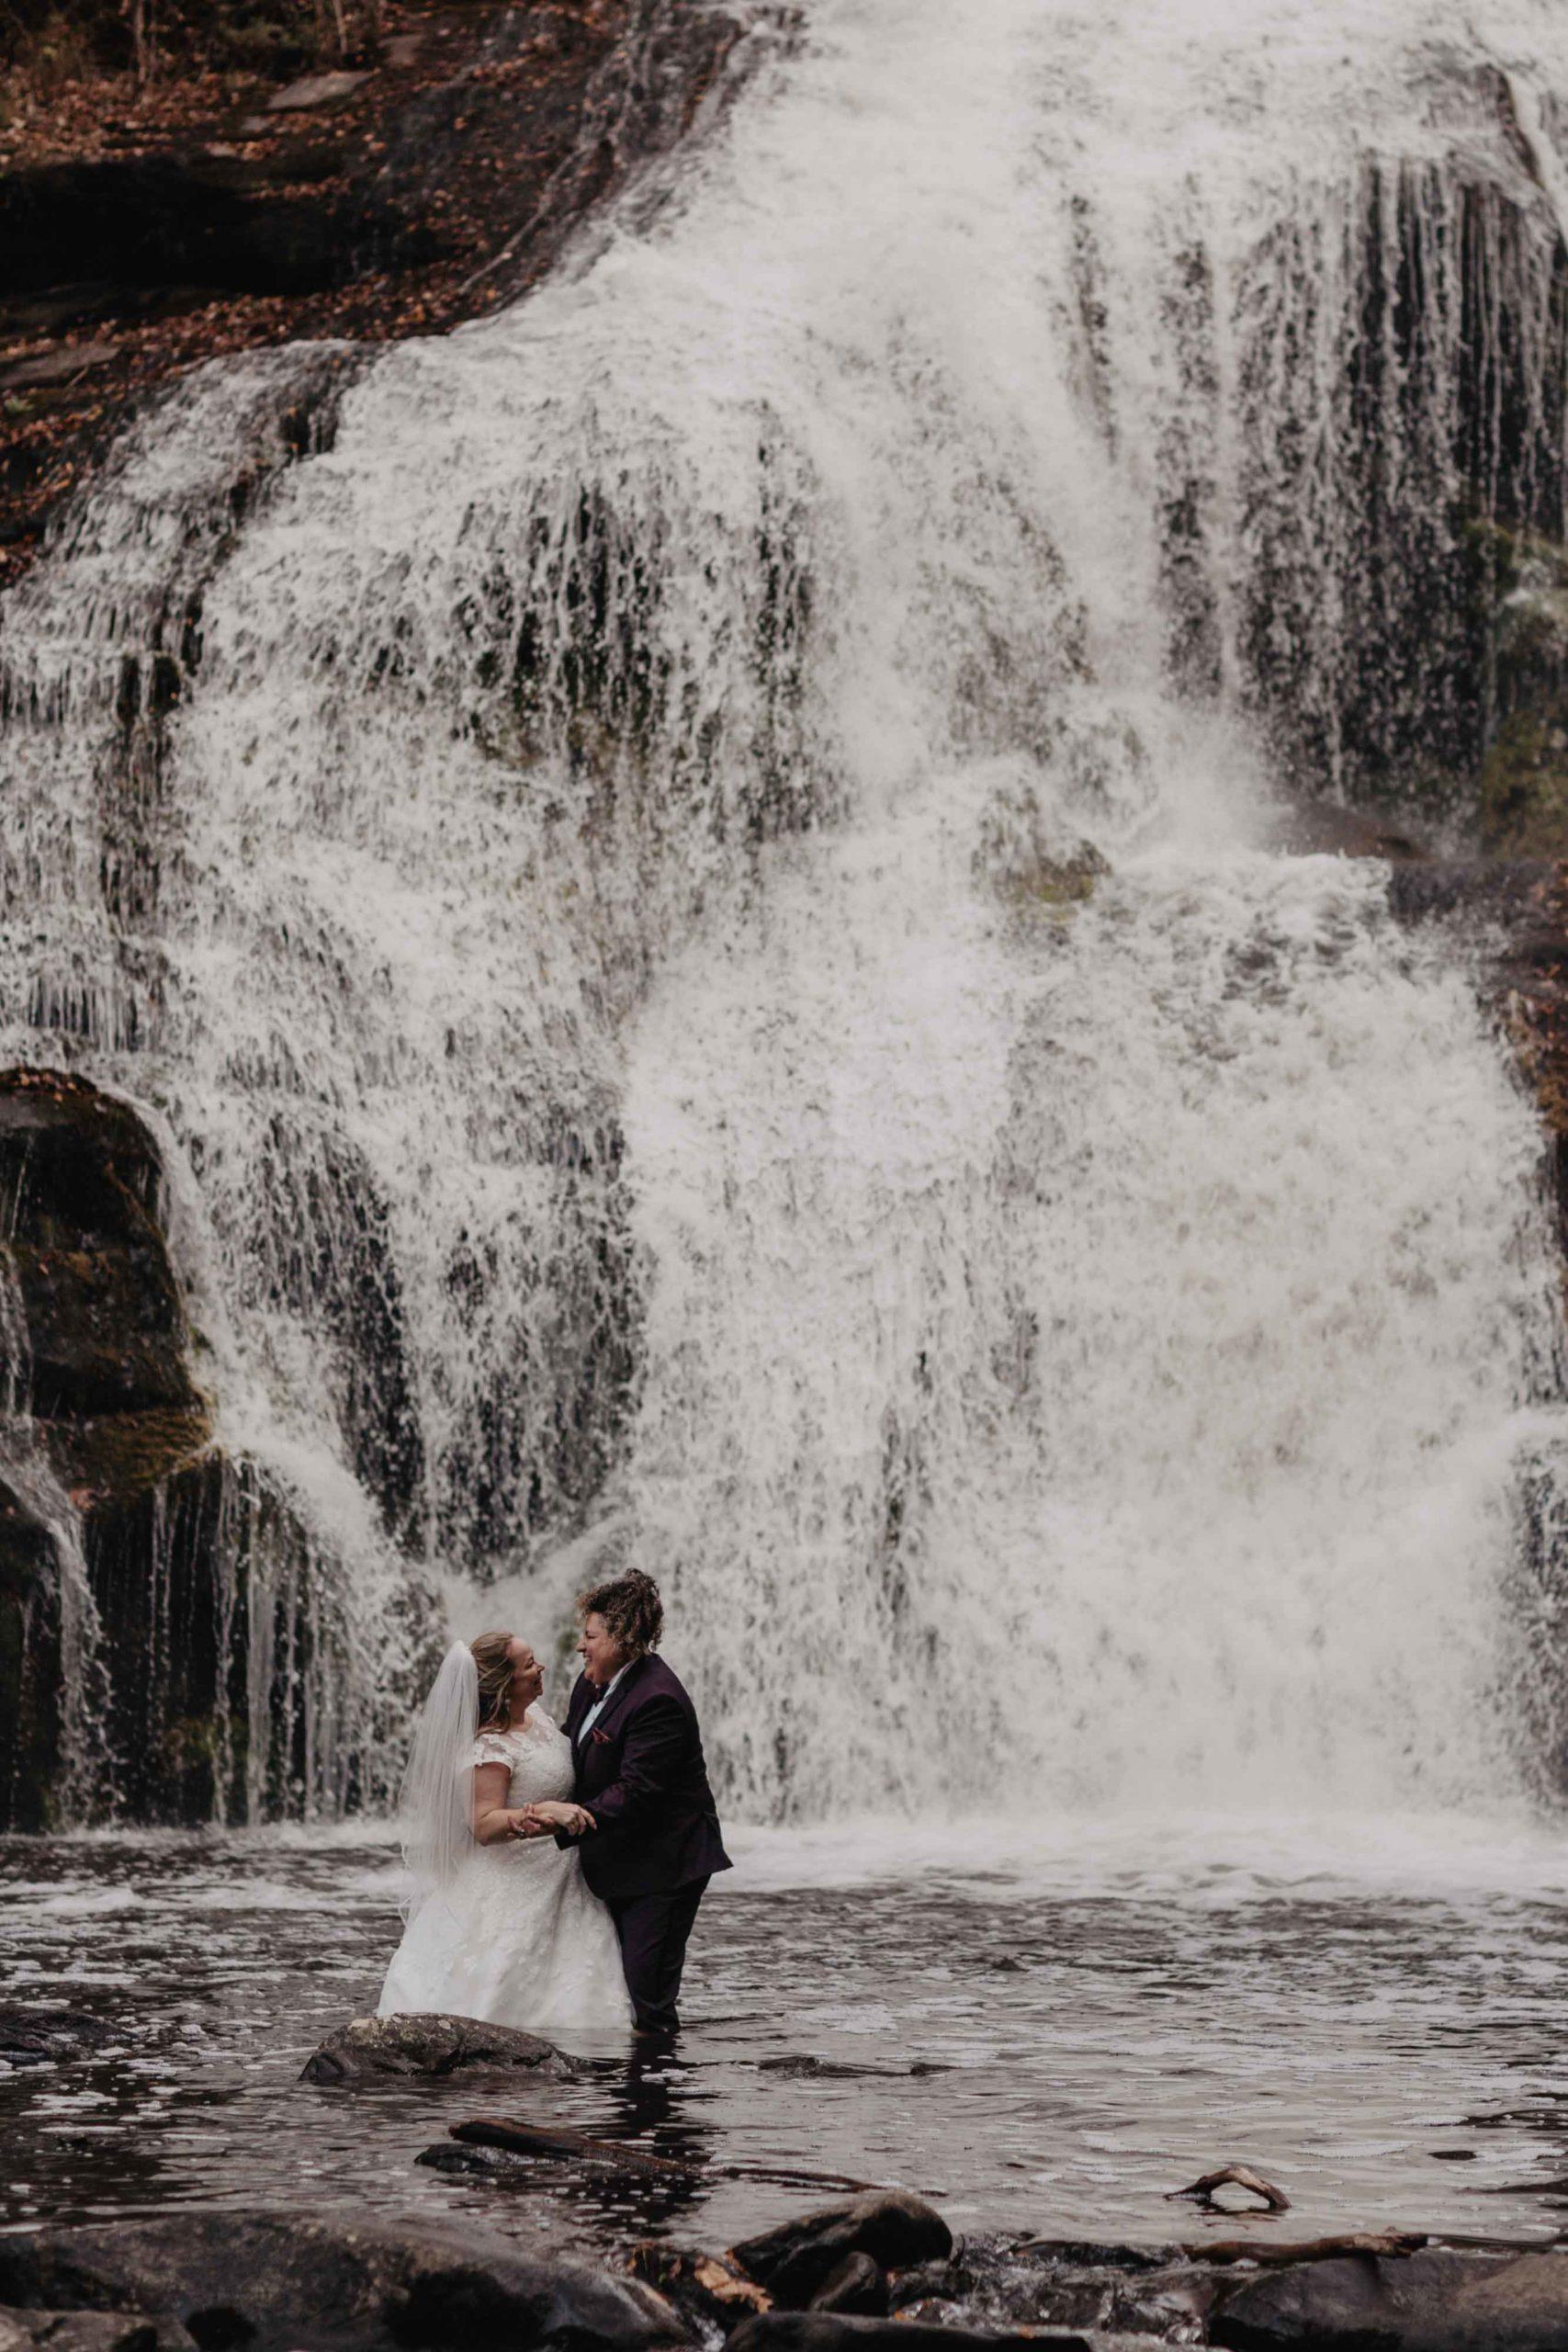 Bald River Falls LGBT Wedding | Adventure Elopement Photographer